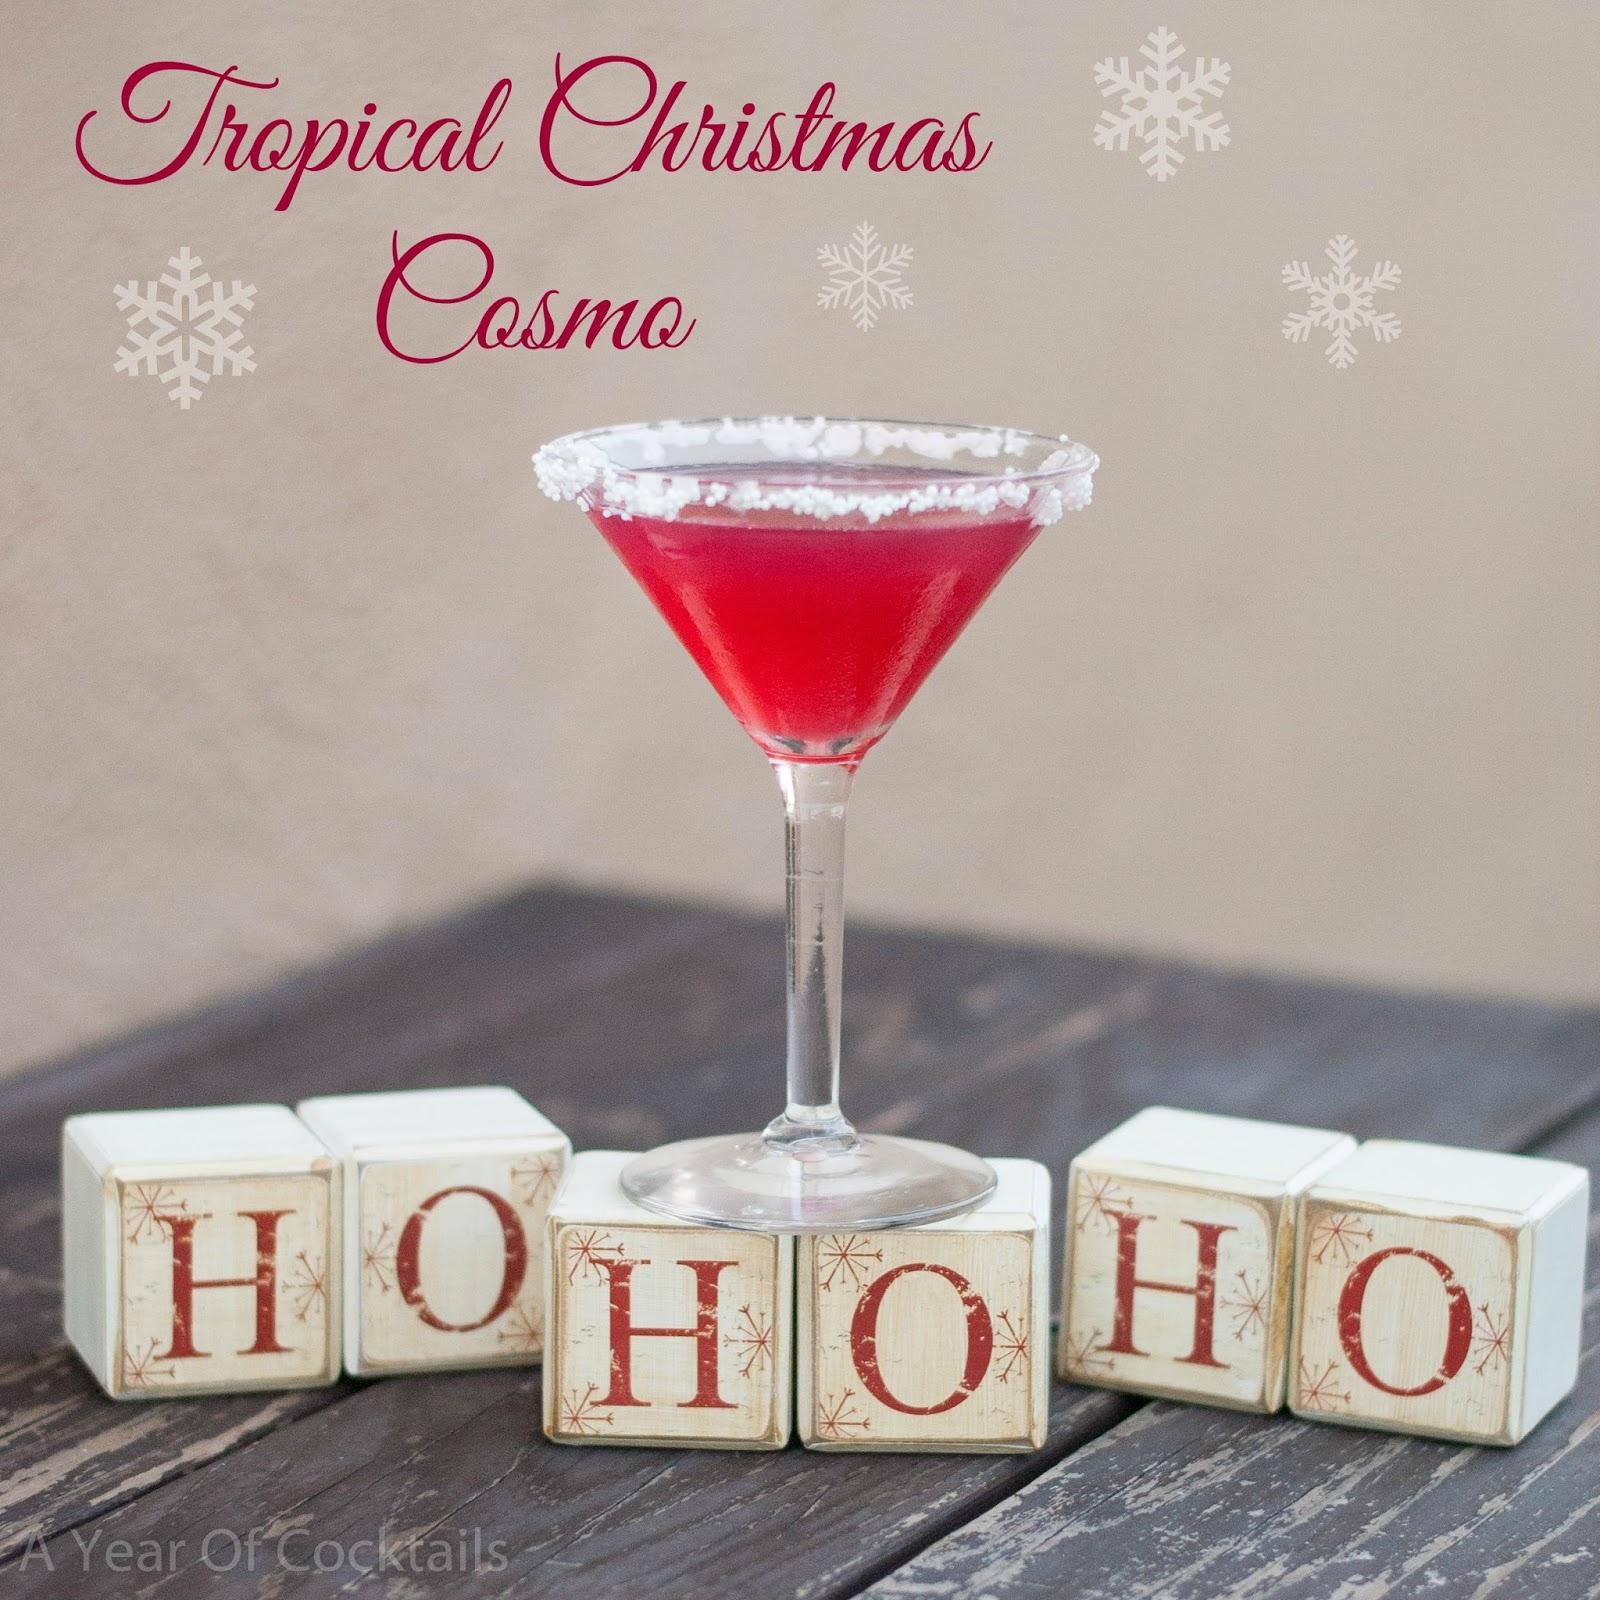 Tropical Christmas Cosmo